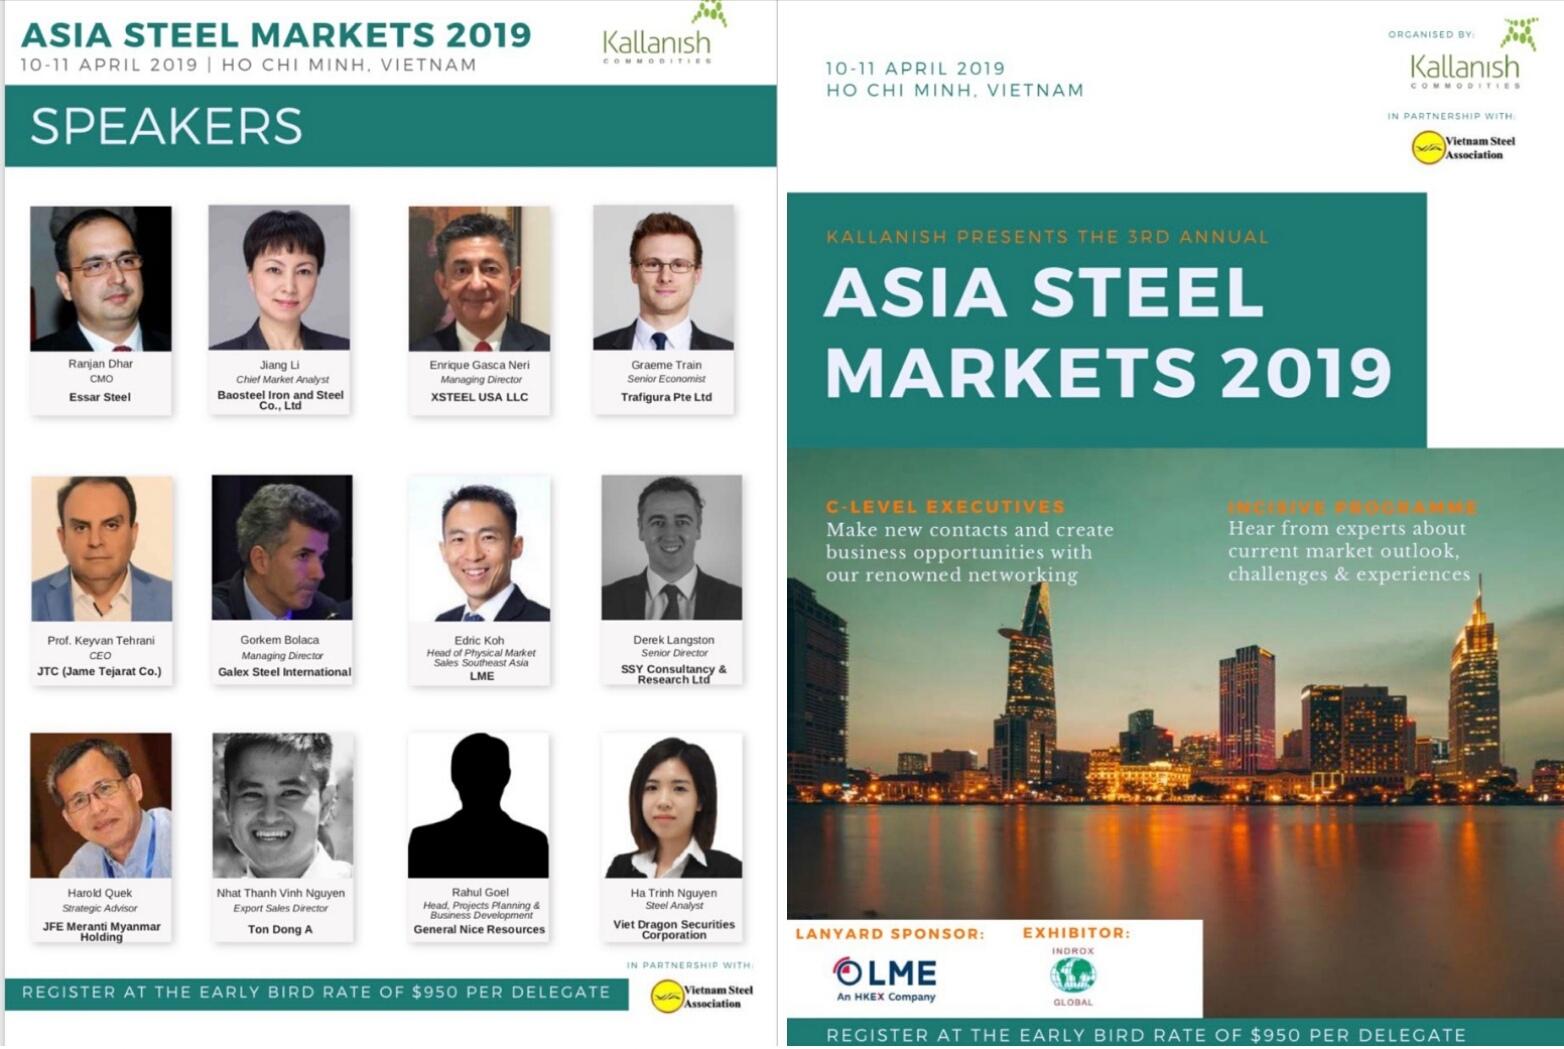 یک رویداد مهم برای توسعه بازار صادراتی